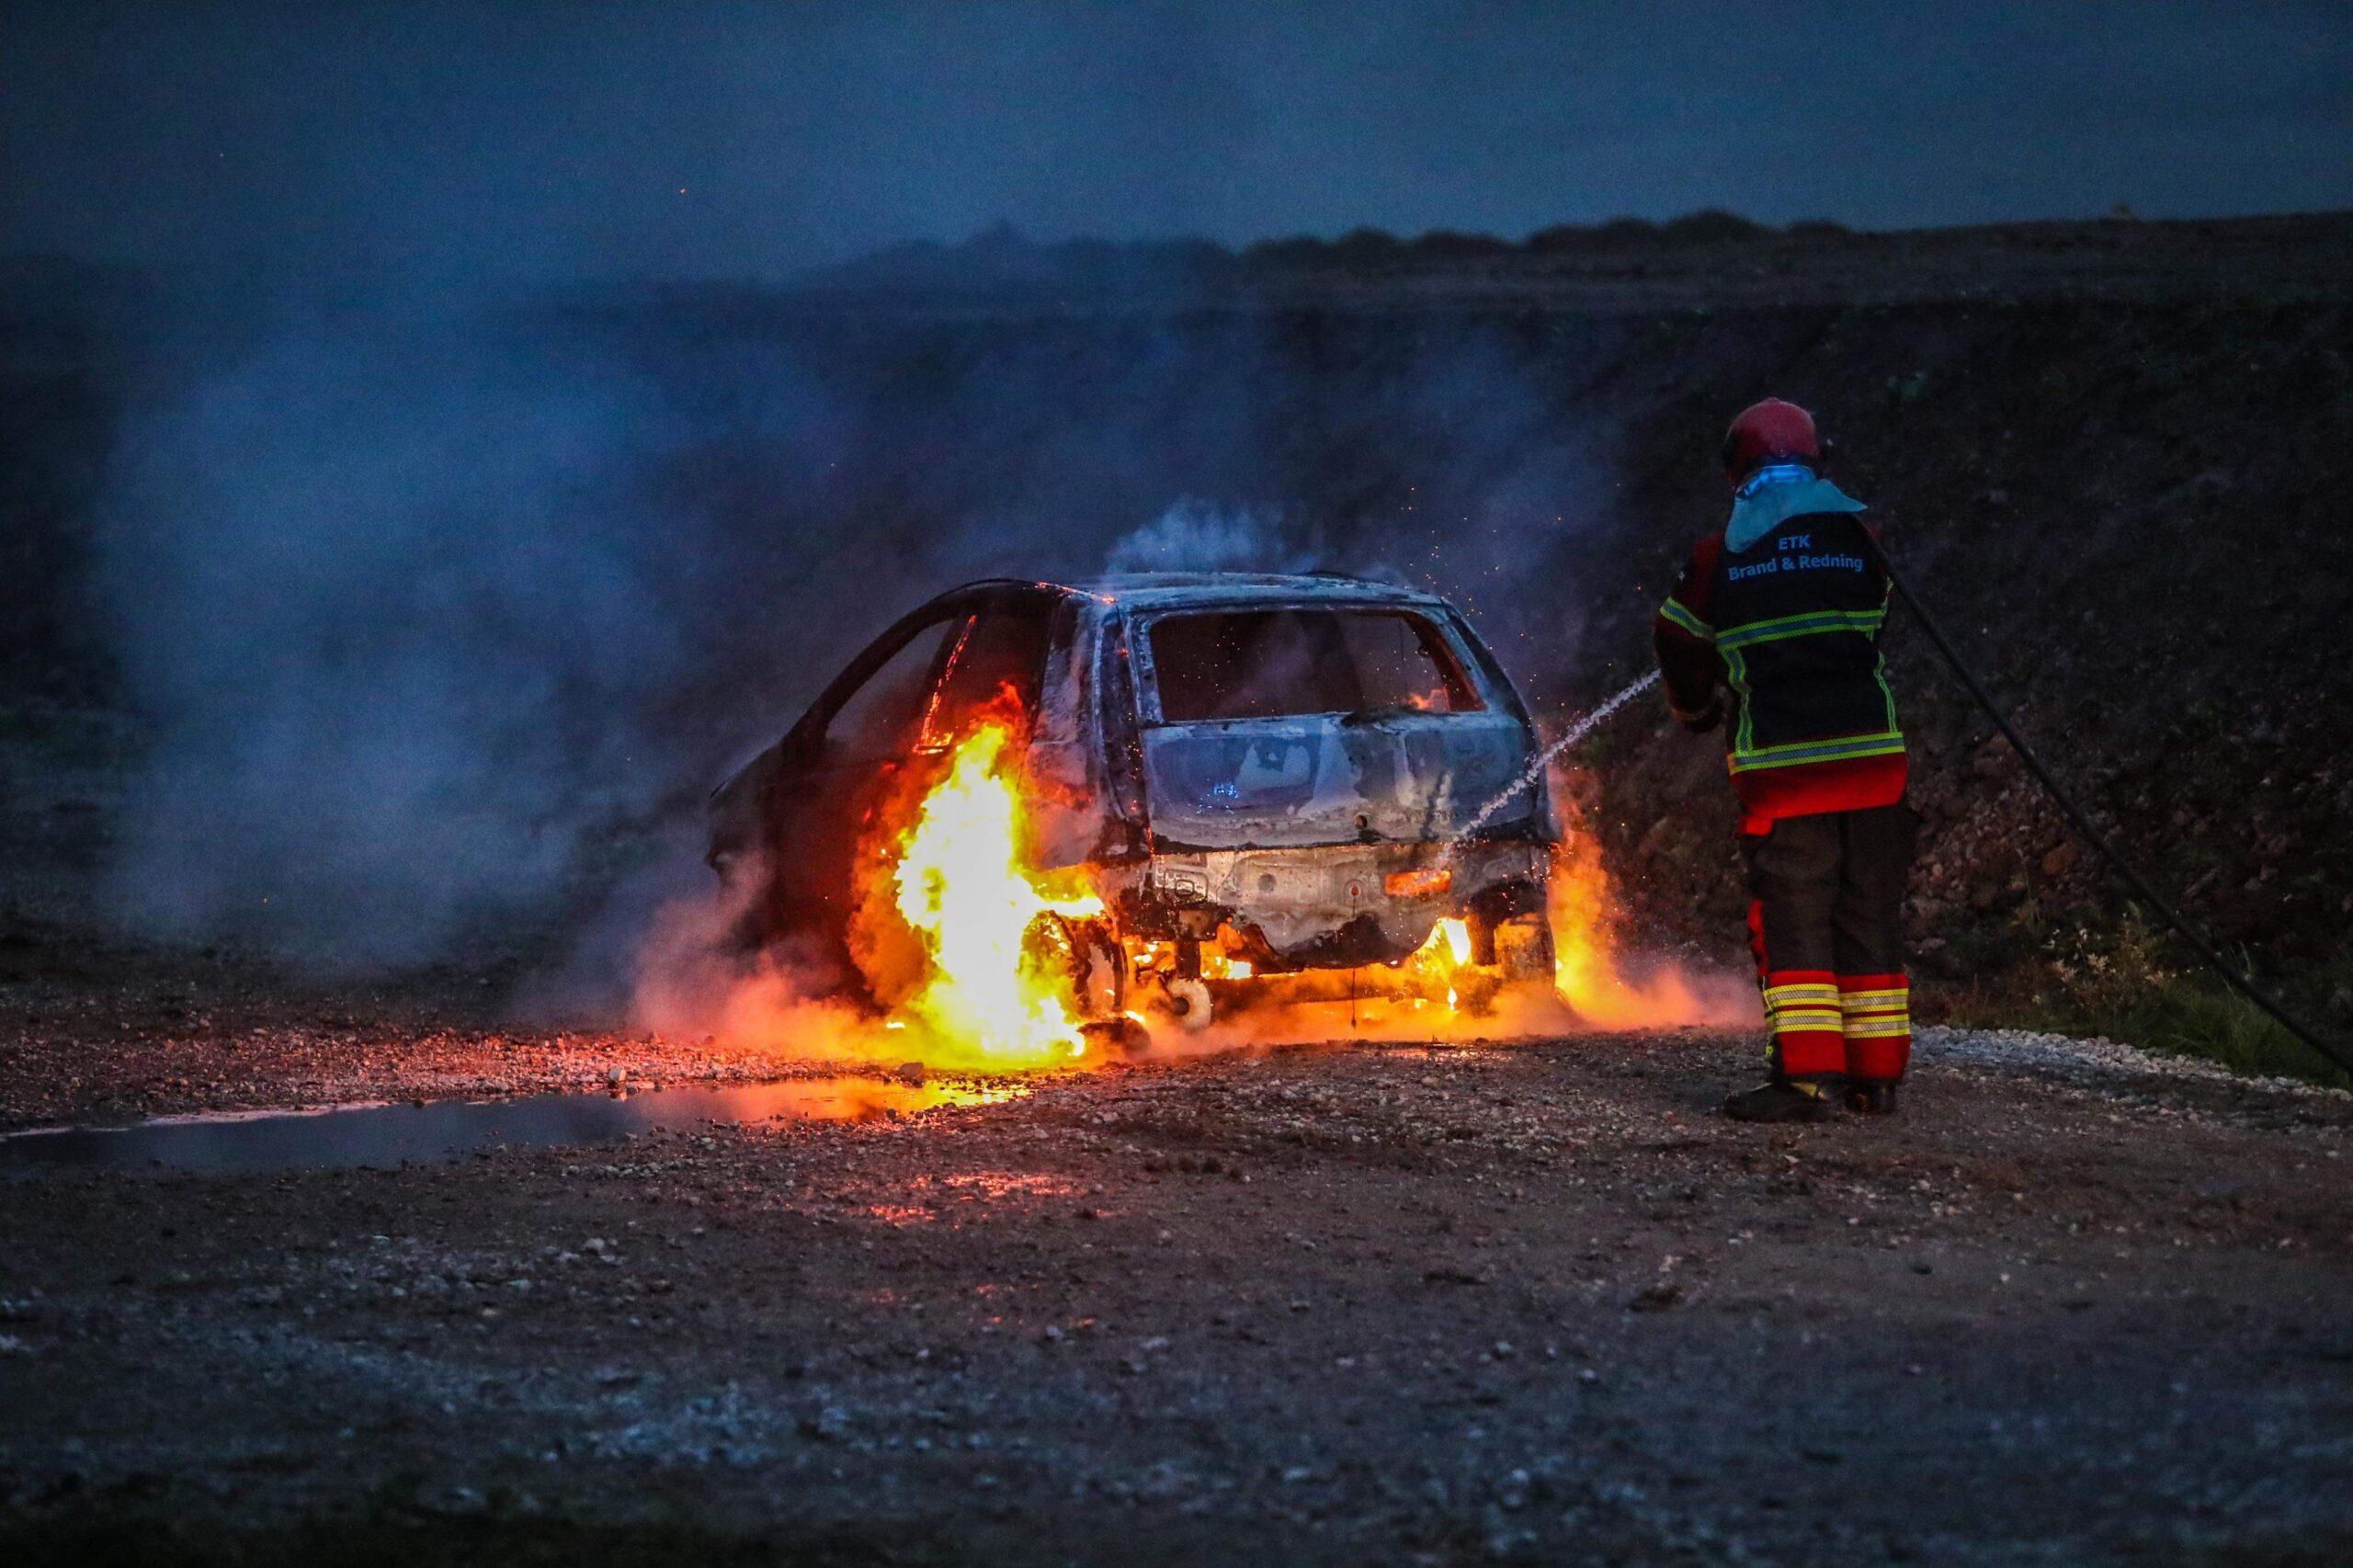 Bil udbrændt i Køge - slukningsarbejdet tog flere timer